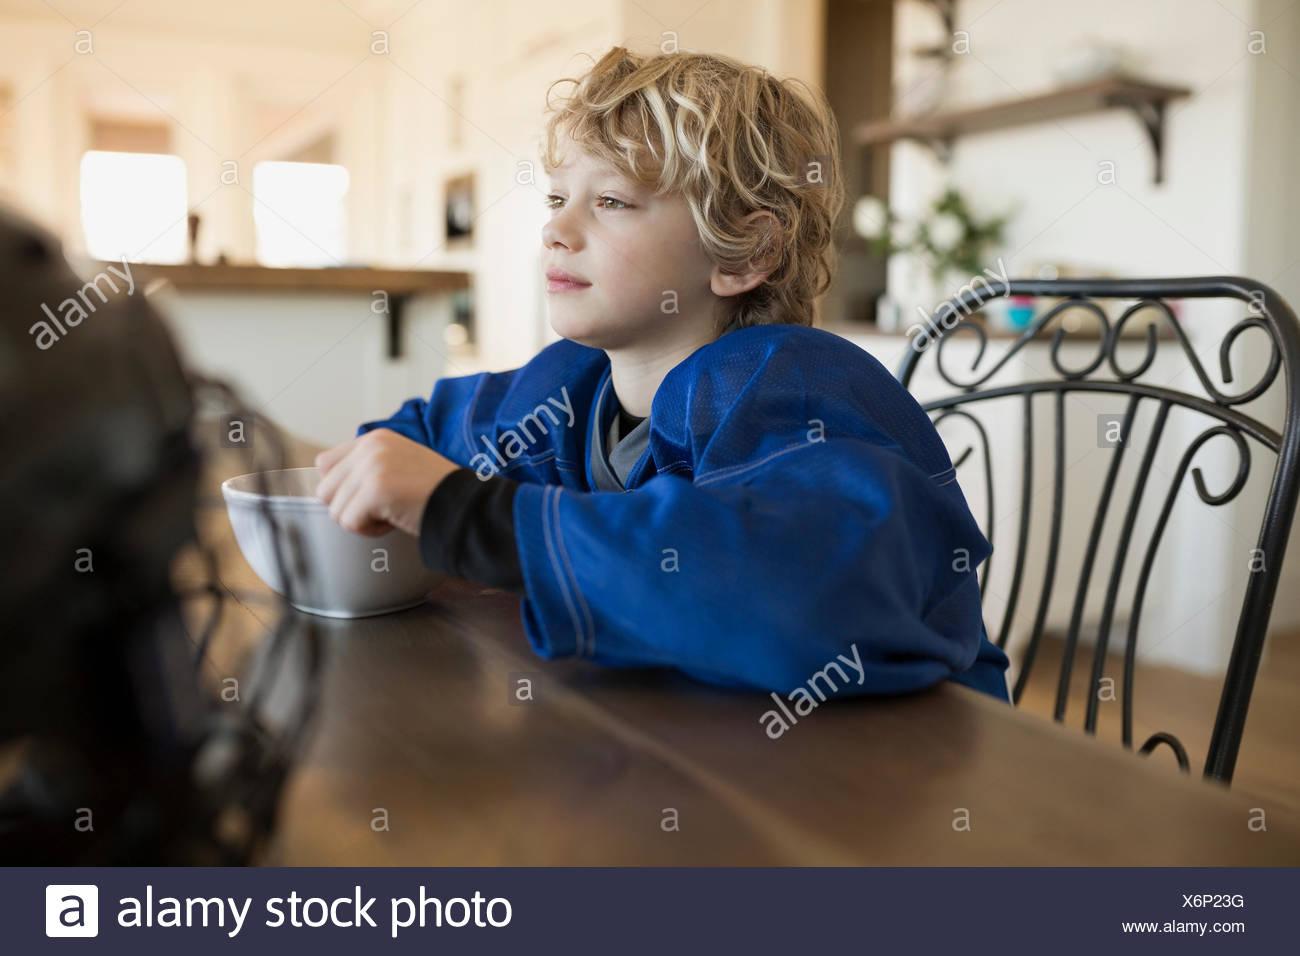 Nachdenkliche junge essen Müsli am Tisch Stockbild